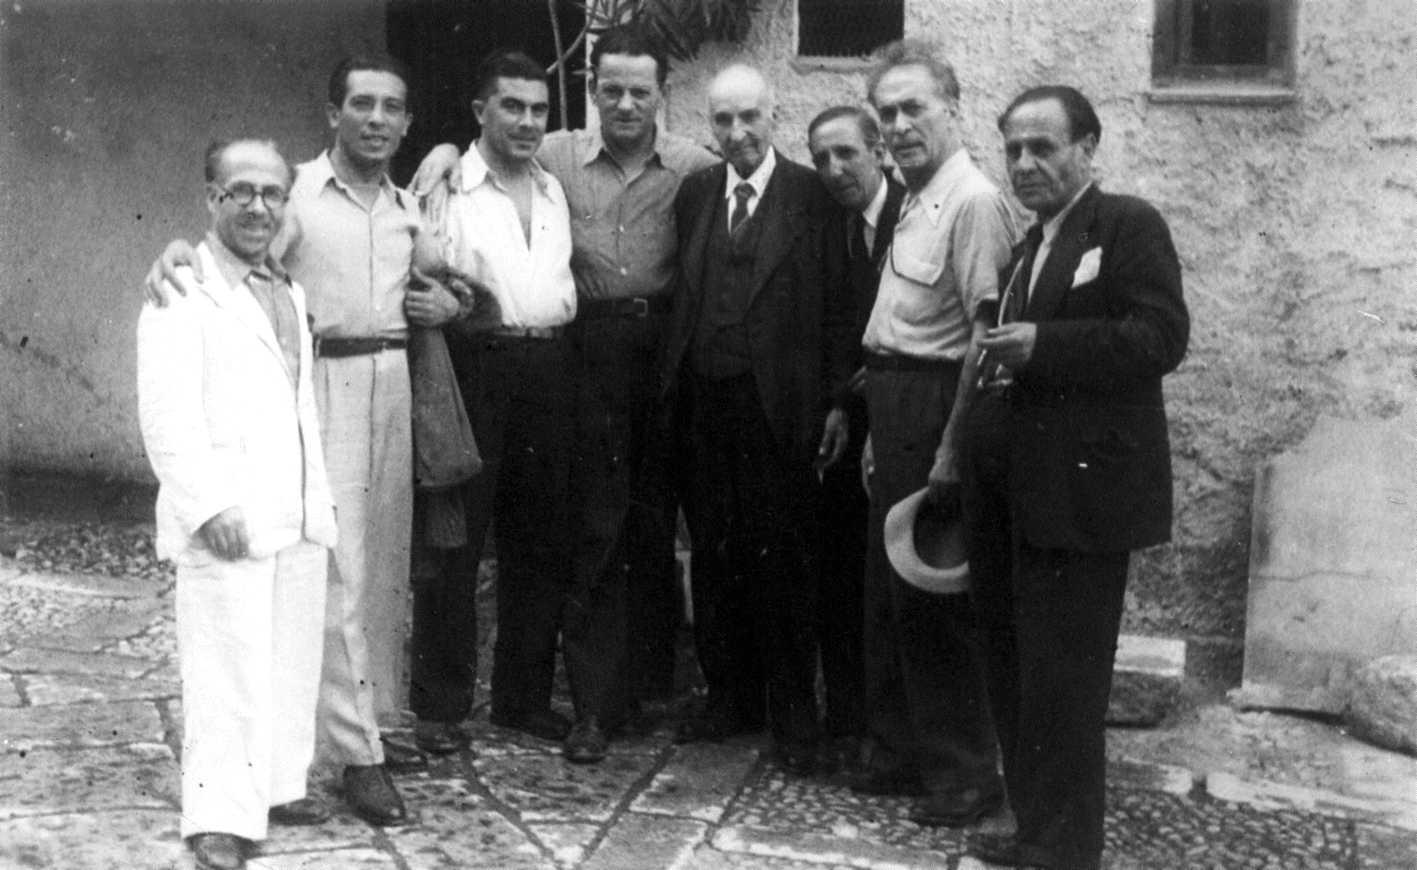 D'esquerra a dreta: Filippo Guzzardi, Giovanni Spataliatore, Alfonso Failla, Pio Turroni, Paolo Schicchi, D'Andrea, Armando Borghi i Filippo Gramignano (Palerm, 1946)